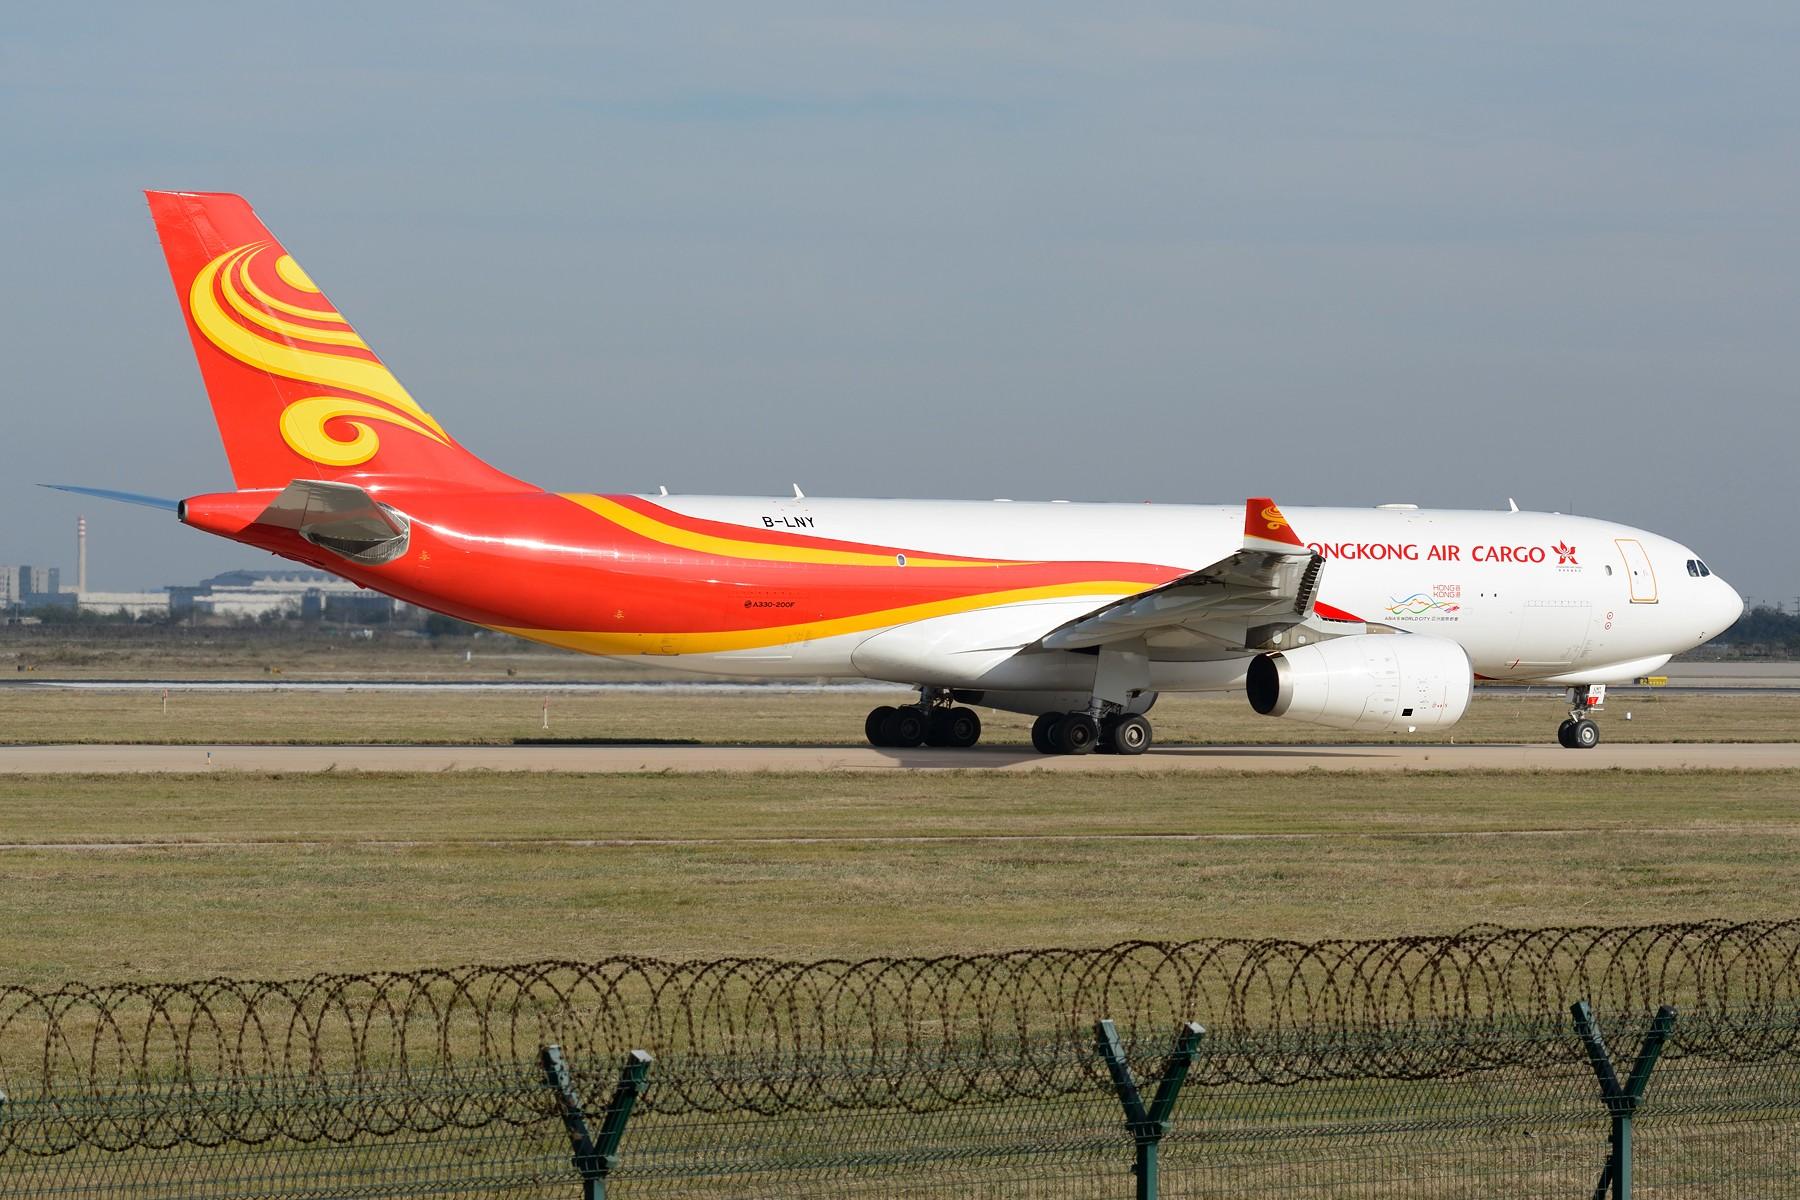 Re:[原创]【TSN】流窜作业卡狗几只 AIRBUS A330-200 B-LNY 中国天津滨海国际机场